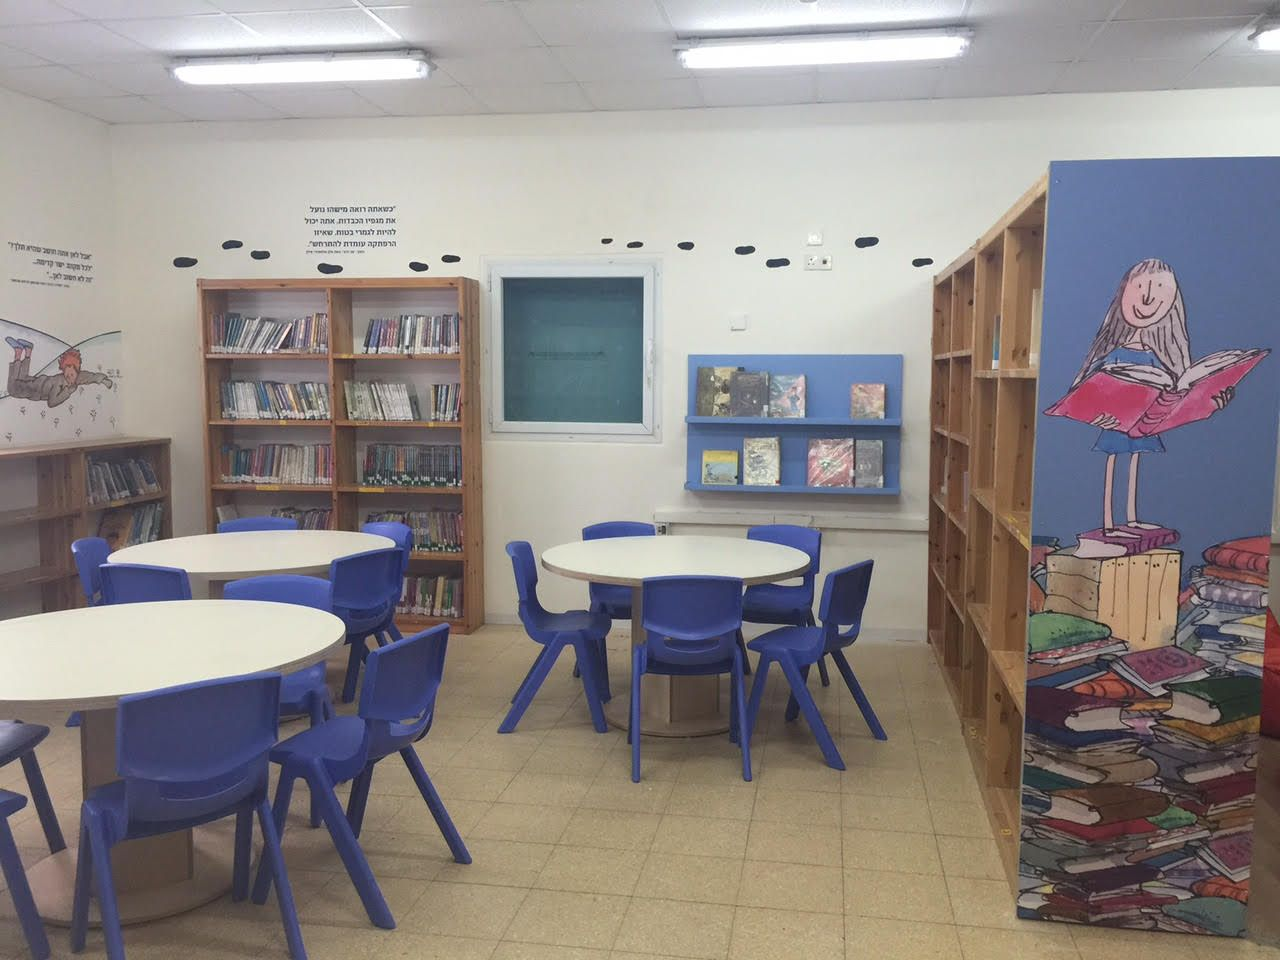 עיצוב סביבה לימודית ומרחבי למידה ללמידה משמעותית לבית ספר